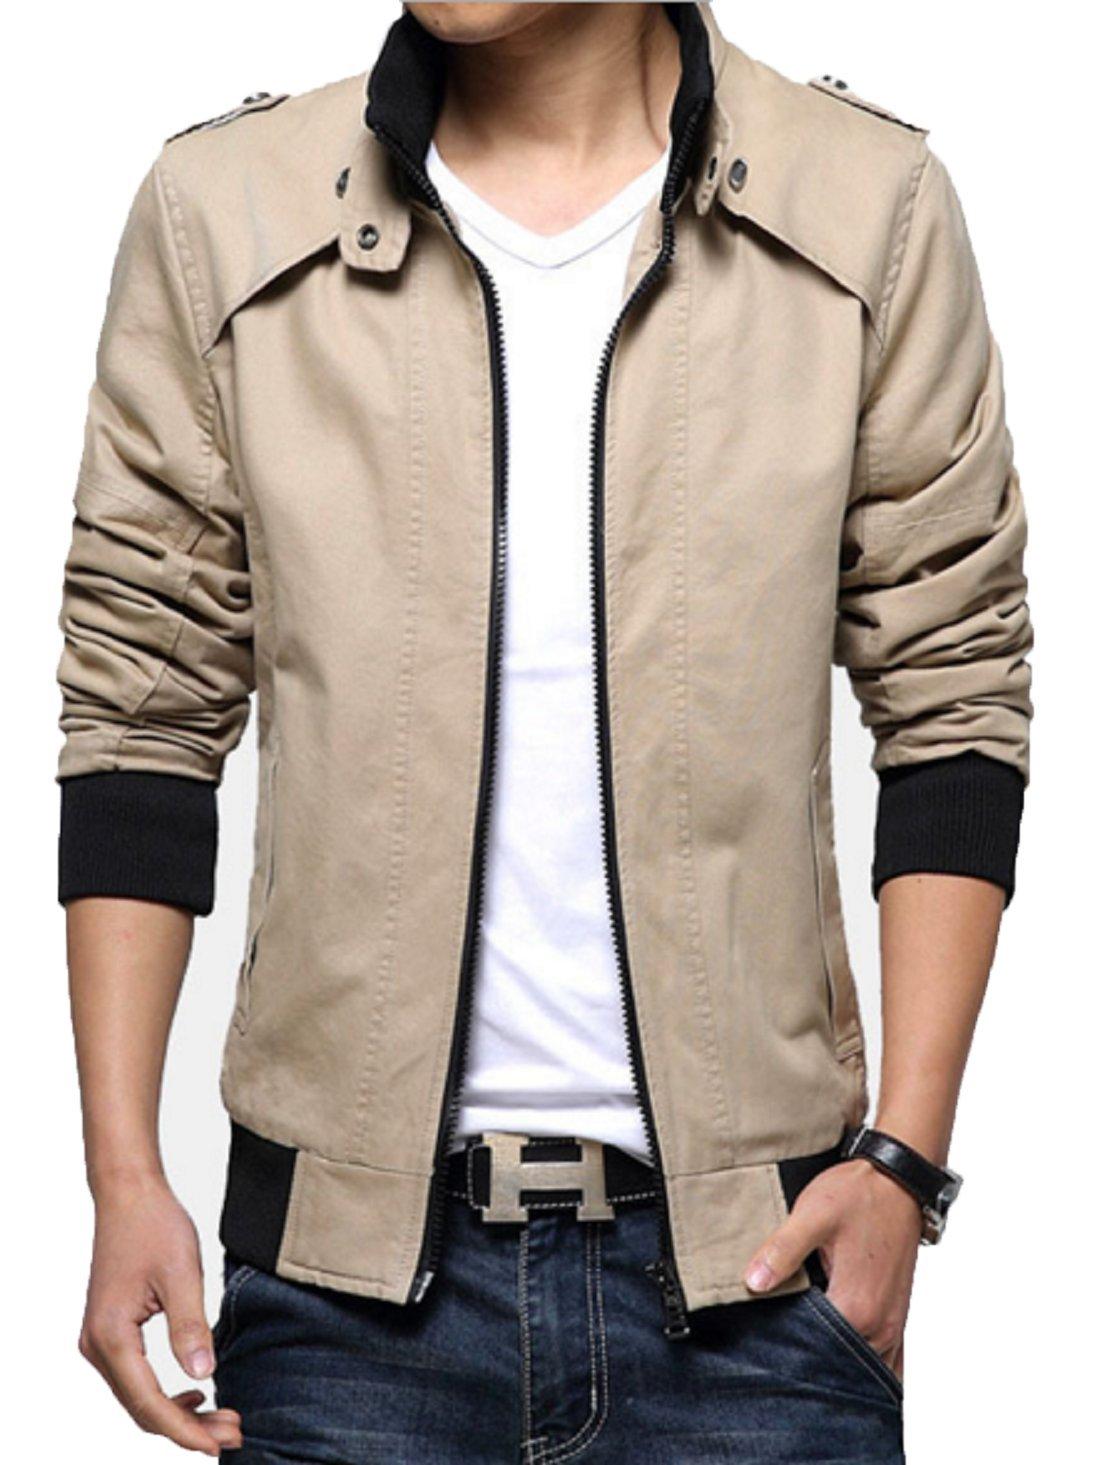 KIWEN Men's Cotton Slim Fit Outwear Coat Jacket(Khaki,XS Size) by KIWEN